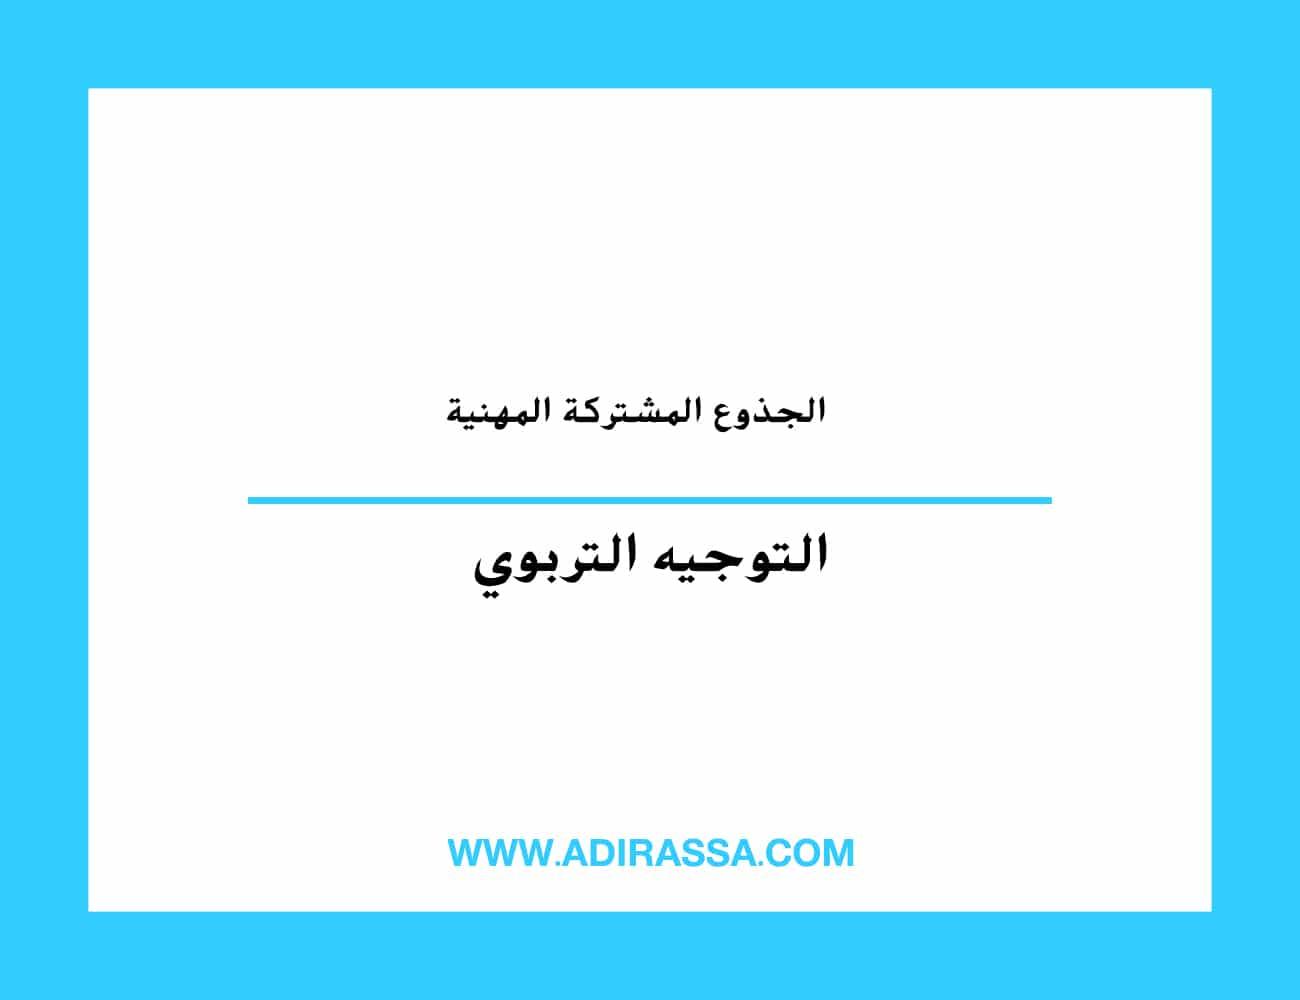 التوجيه إلى الجذوع المشتركة المهنية بالثانوي تأهيلي بالمغرب